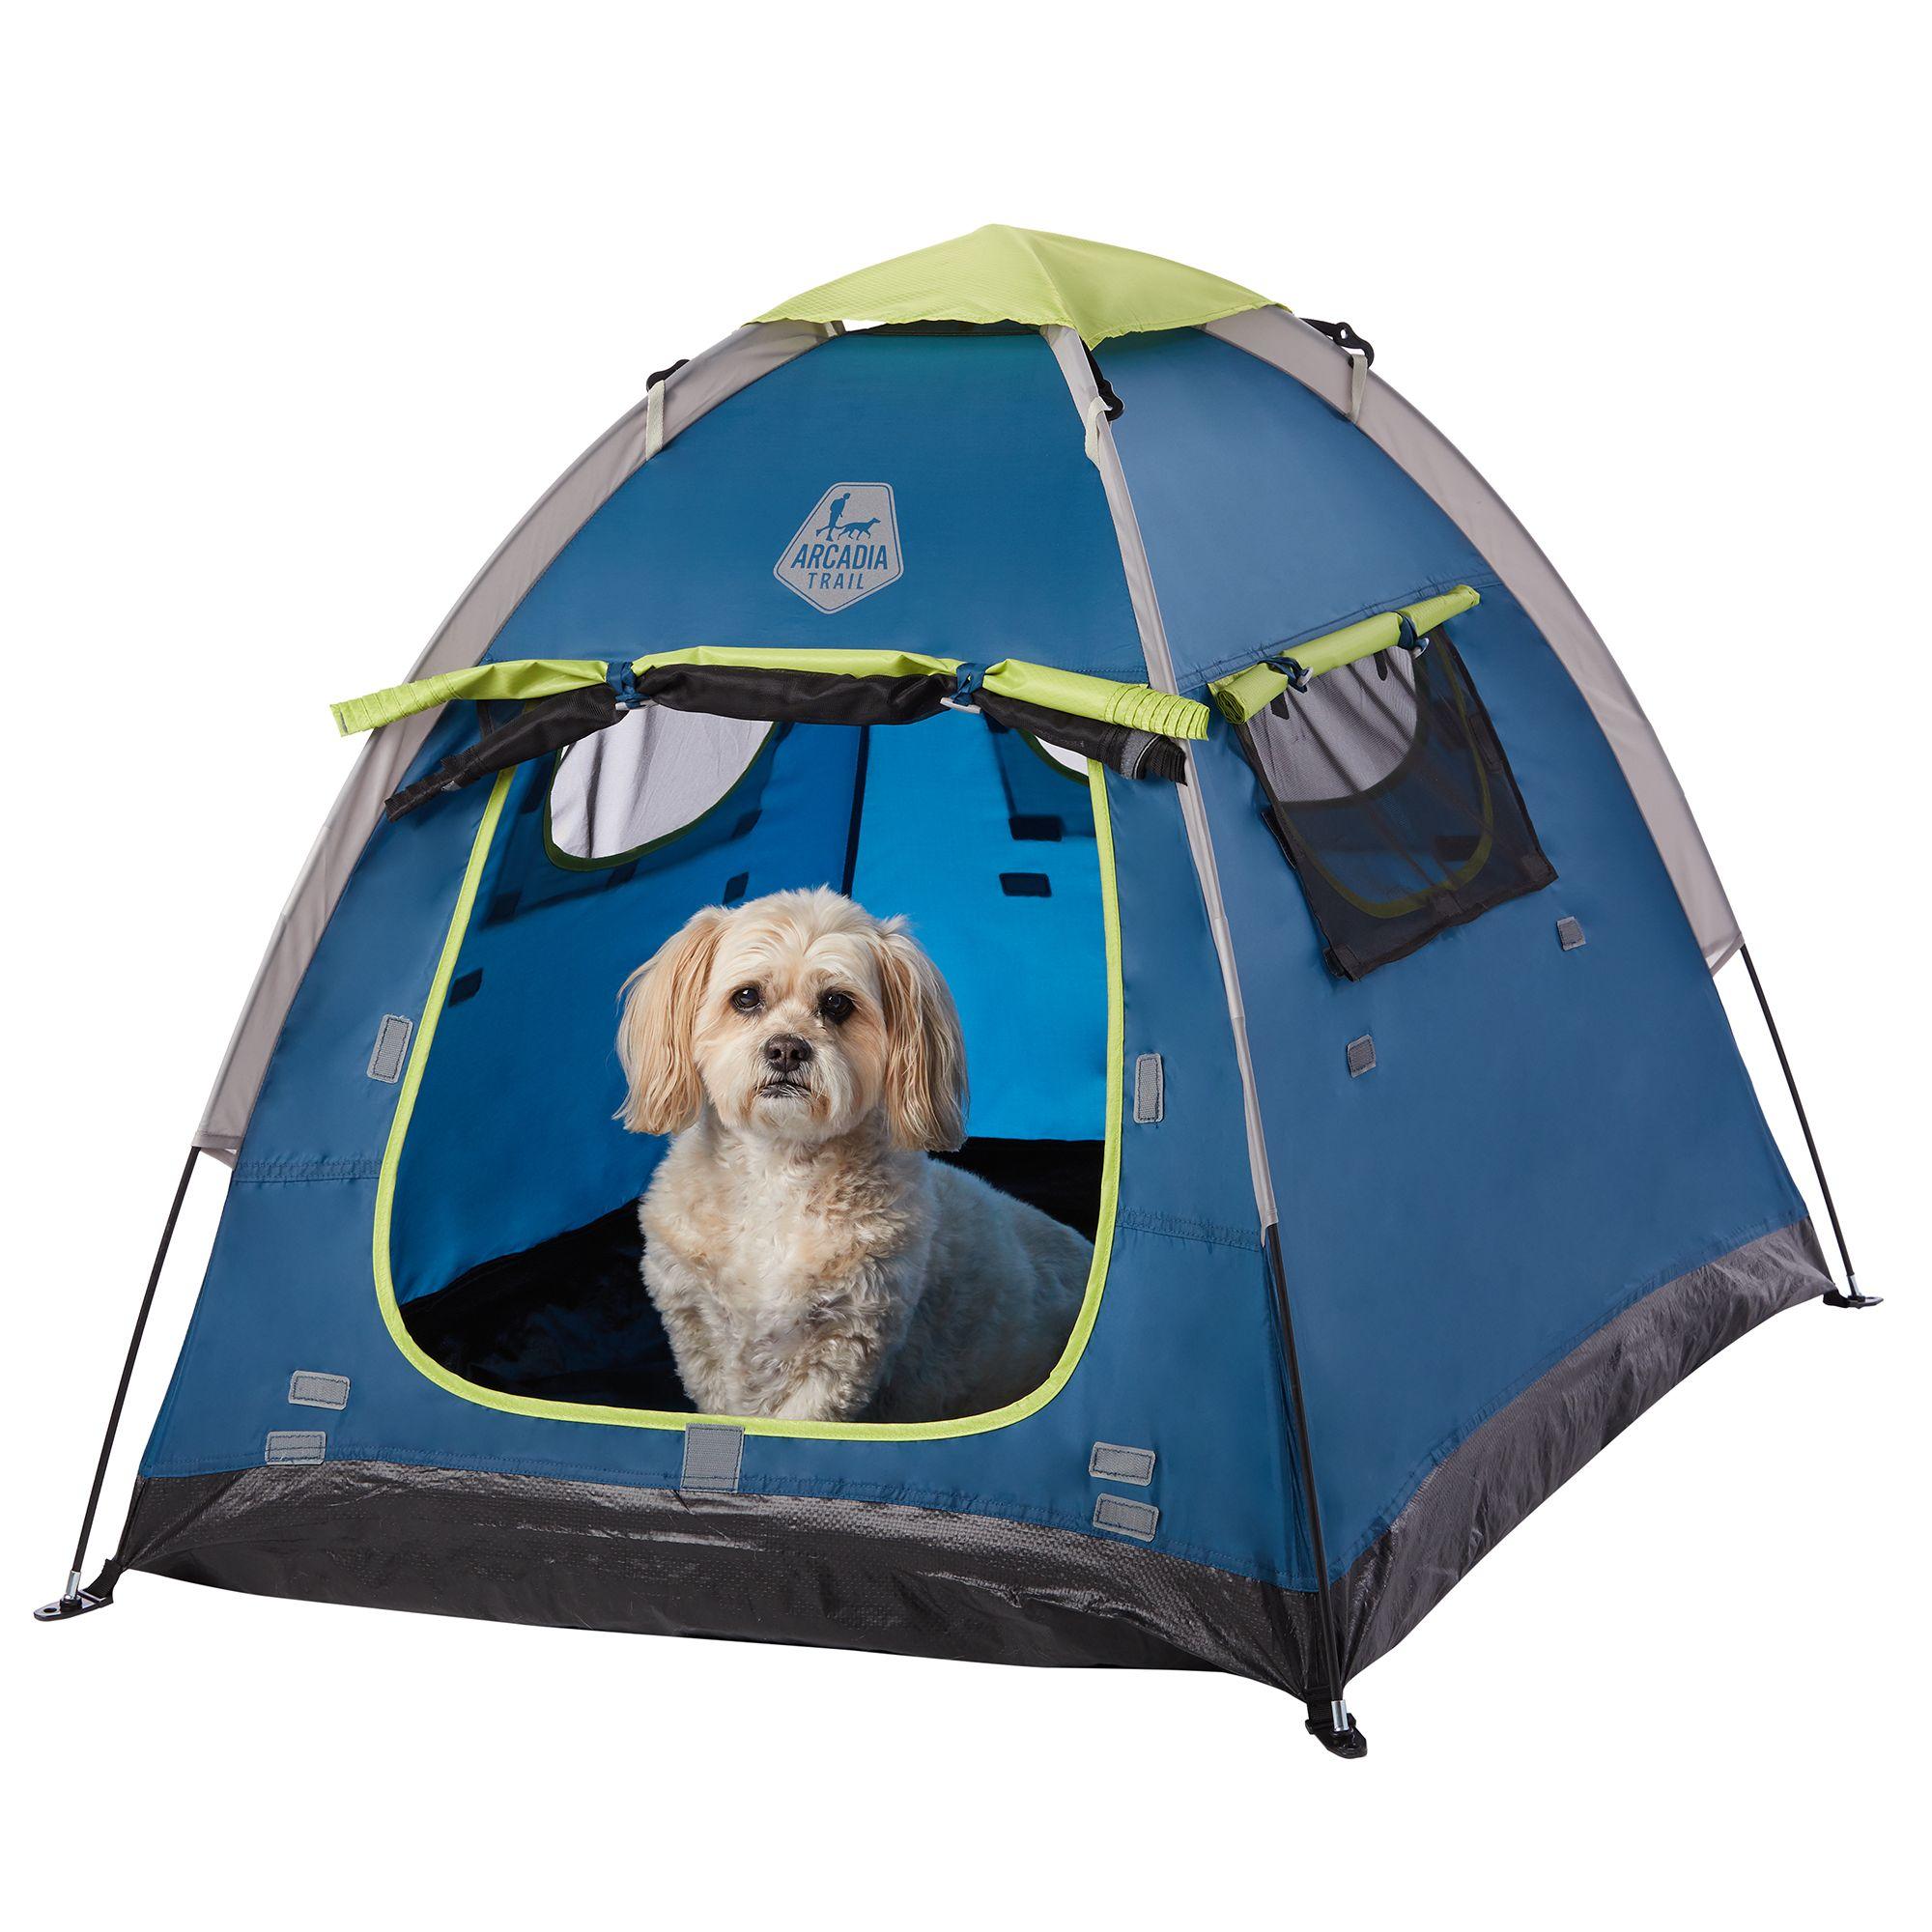 Outdoor Lightweight Shade Tent